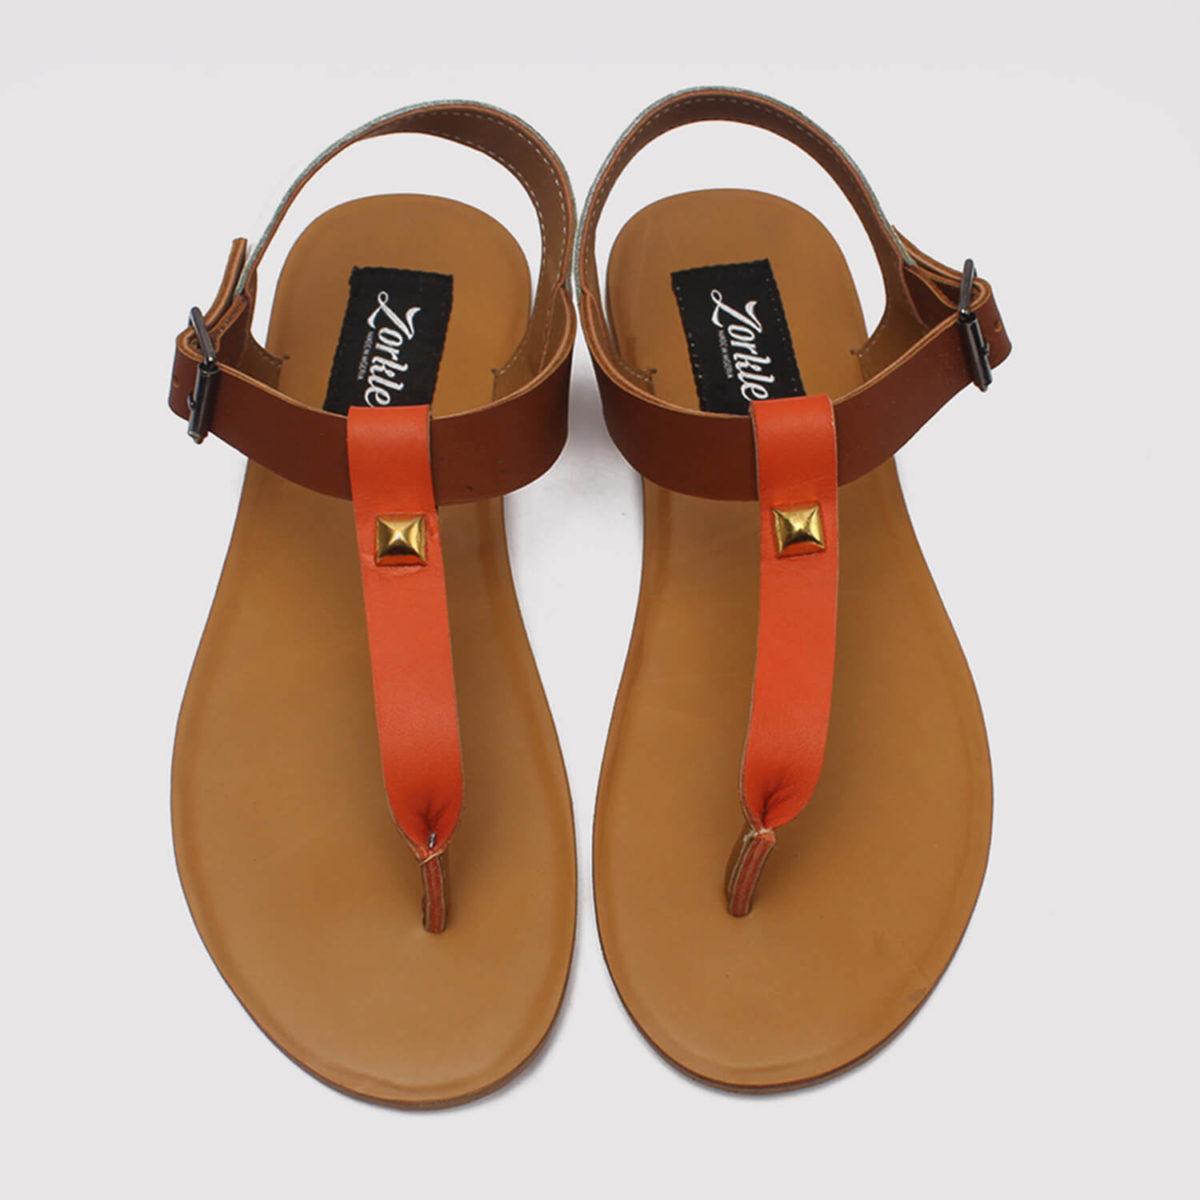 toke sandals orange brown white zorkle shoes lagos nigeria